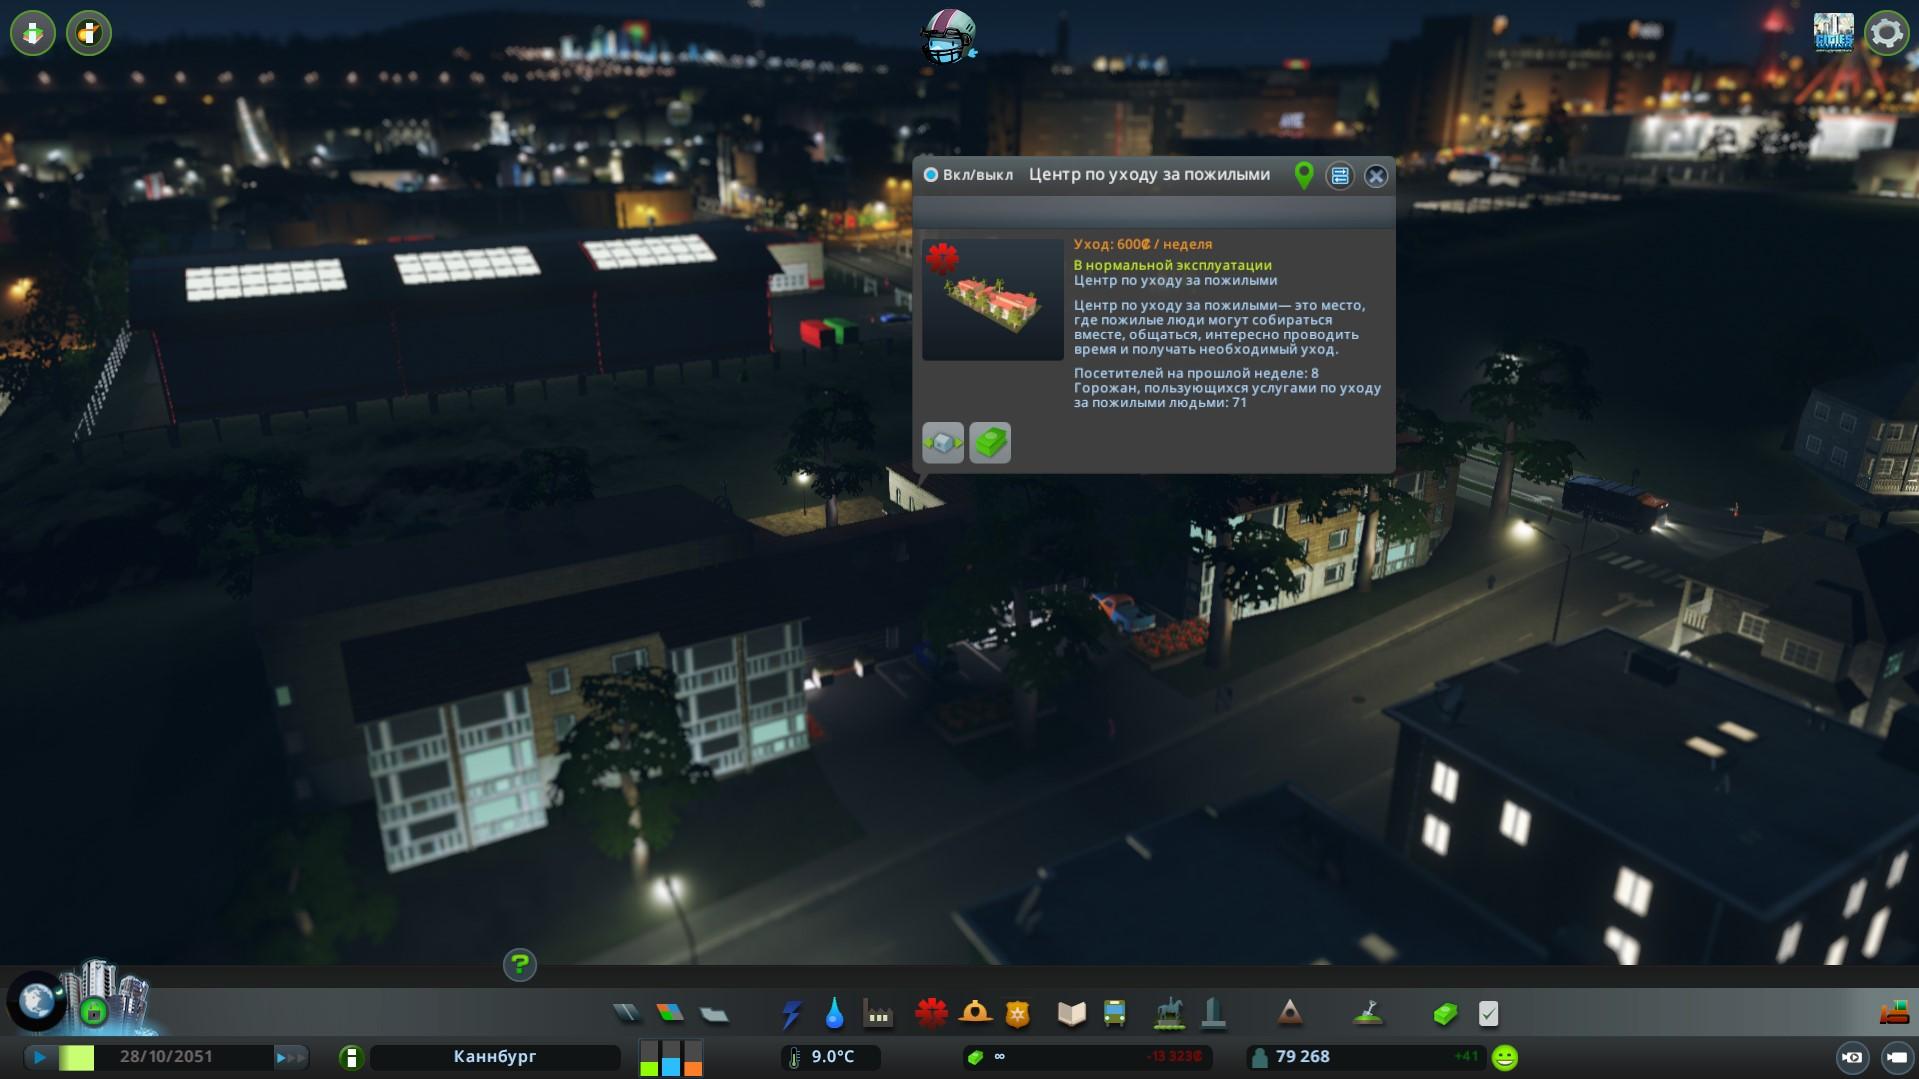 Центр по уходу за пожилыми cities skylines